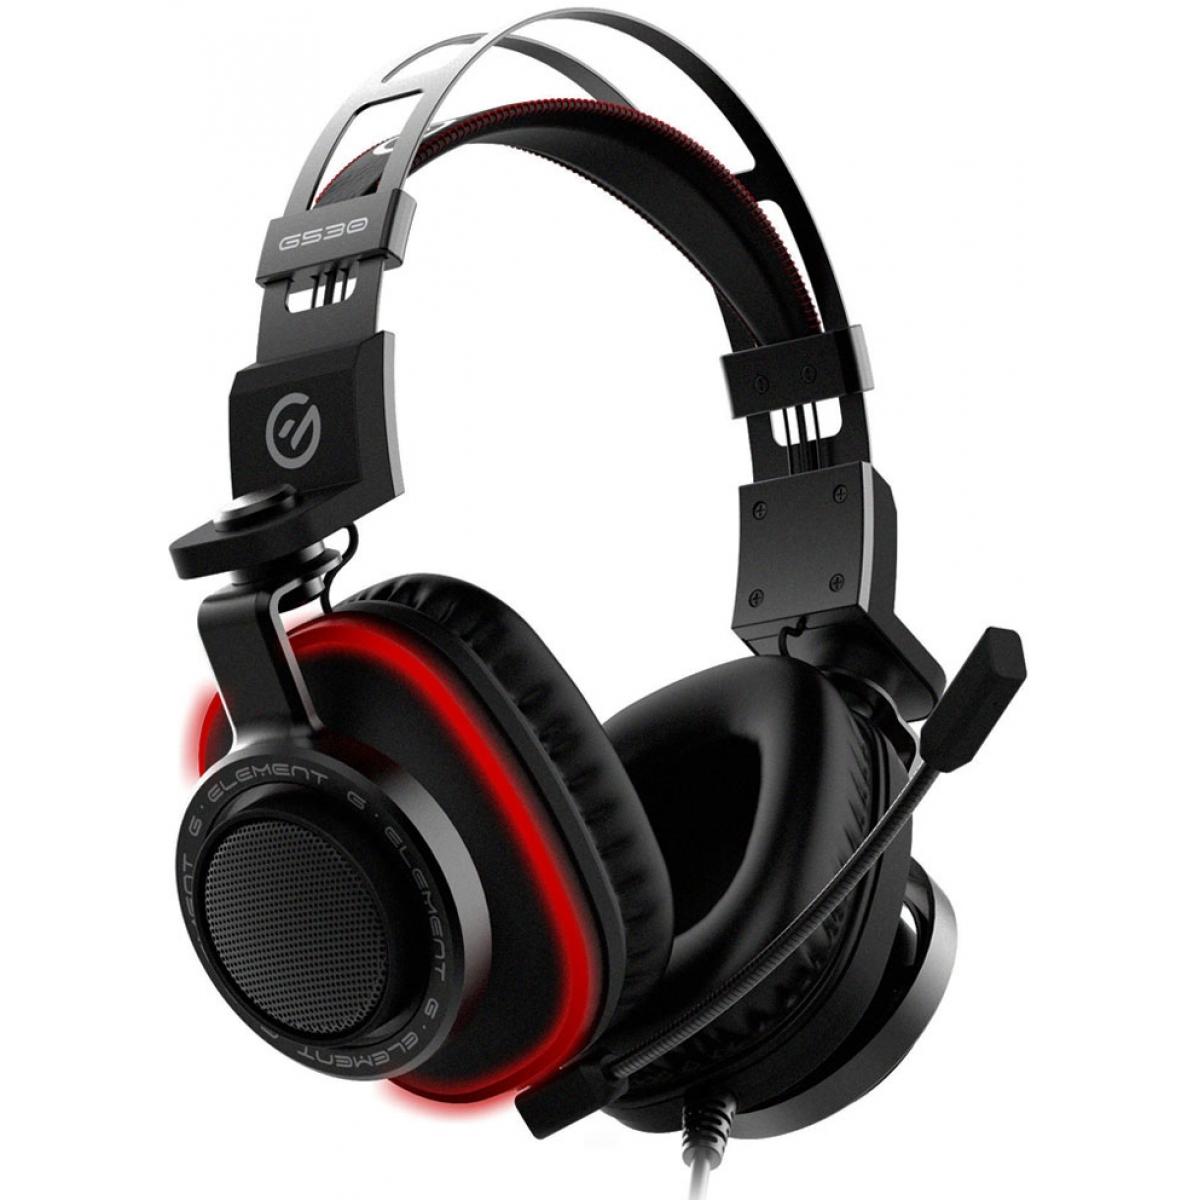 Headset Gamer Element G Single Color P2 Surround 7.1 Led Vermelho G530  - Open Box